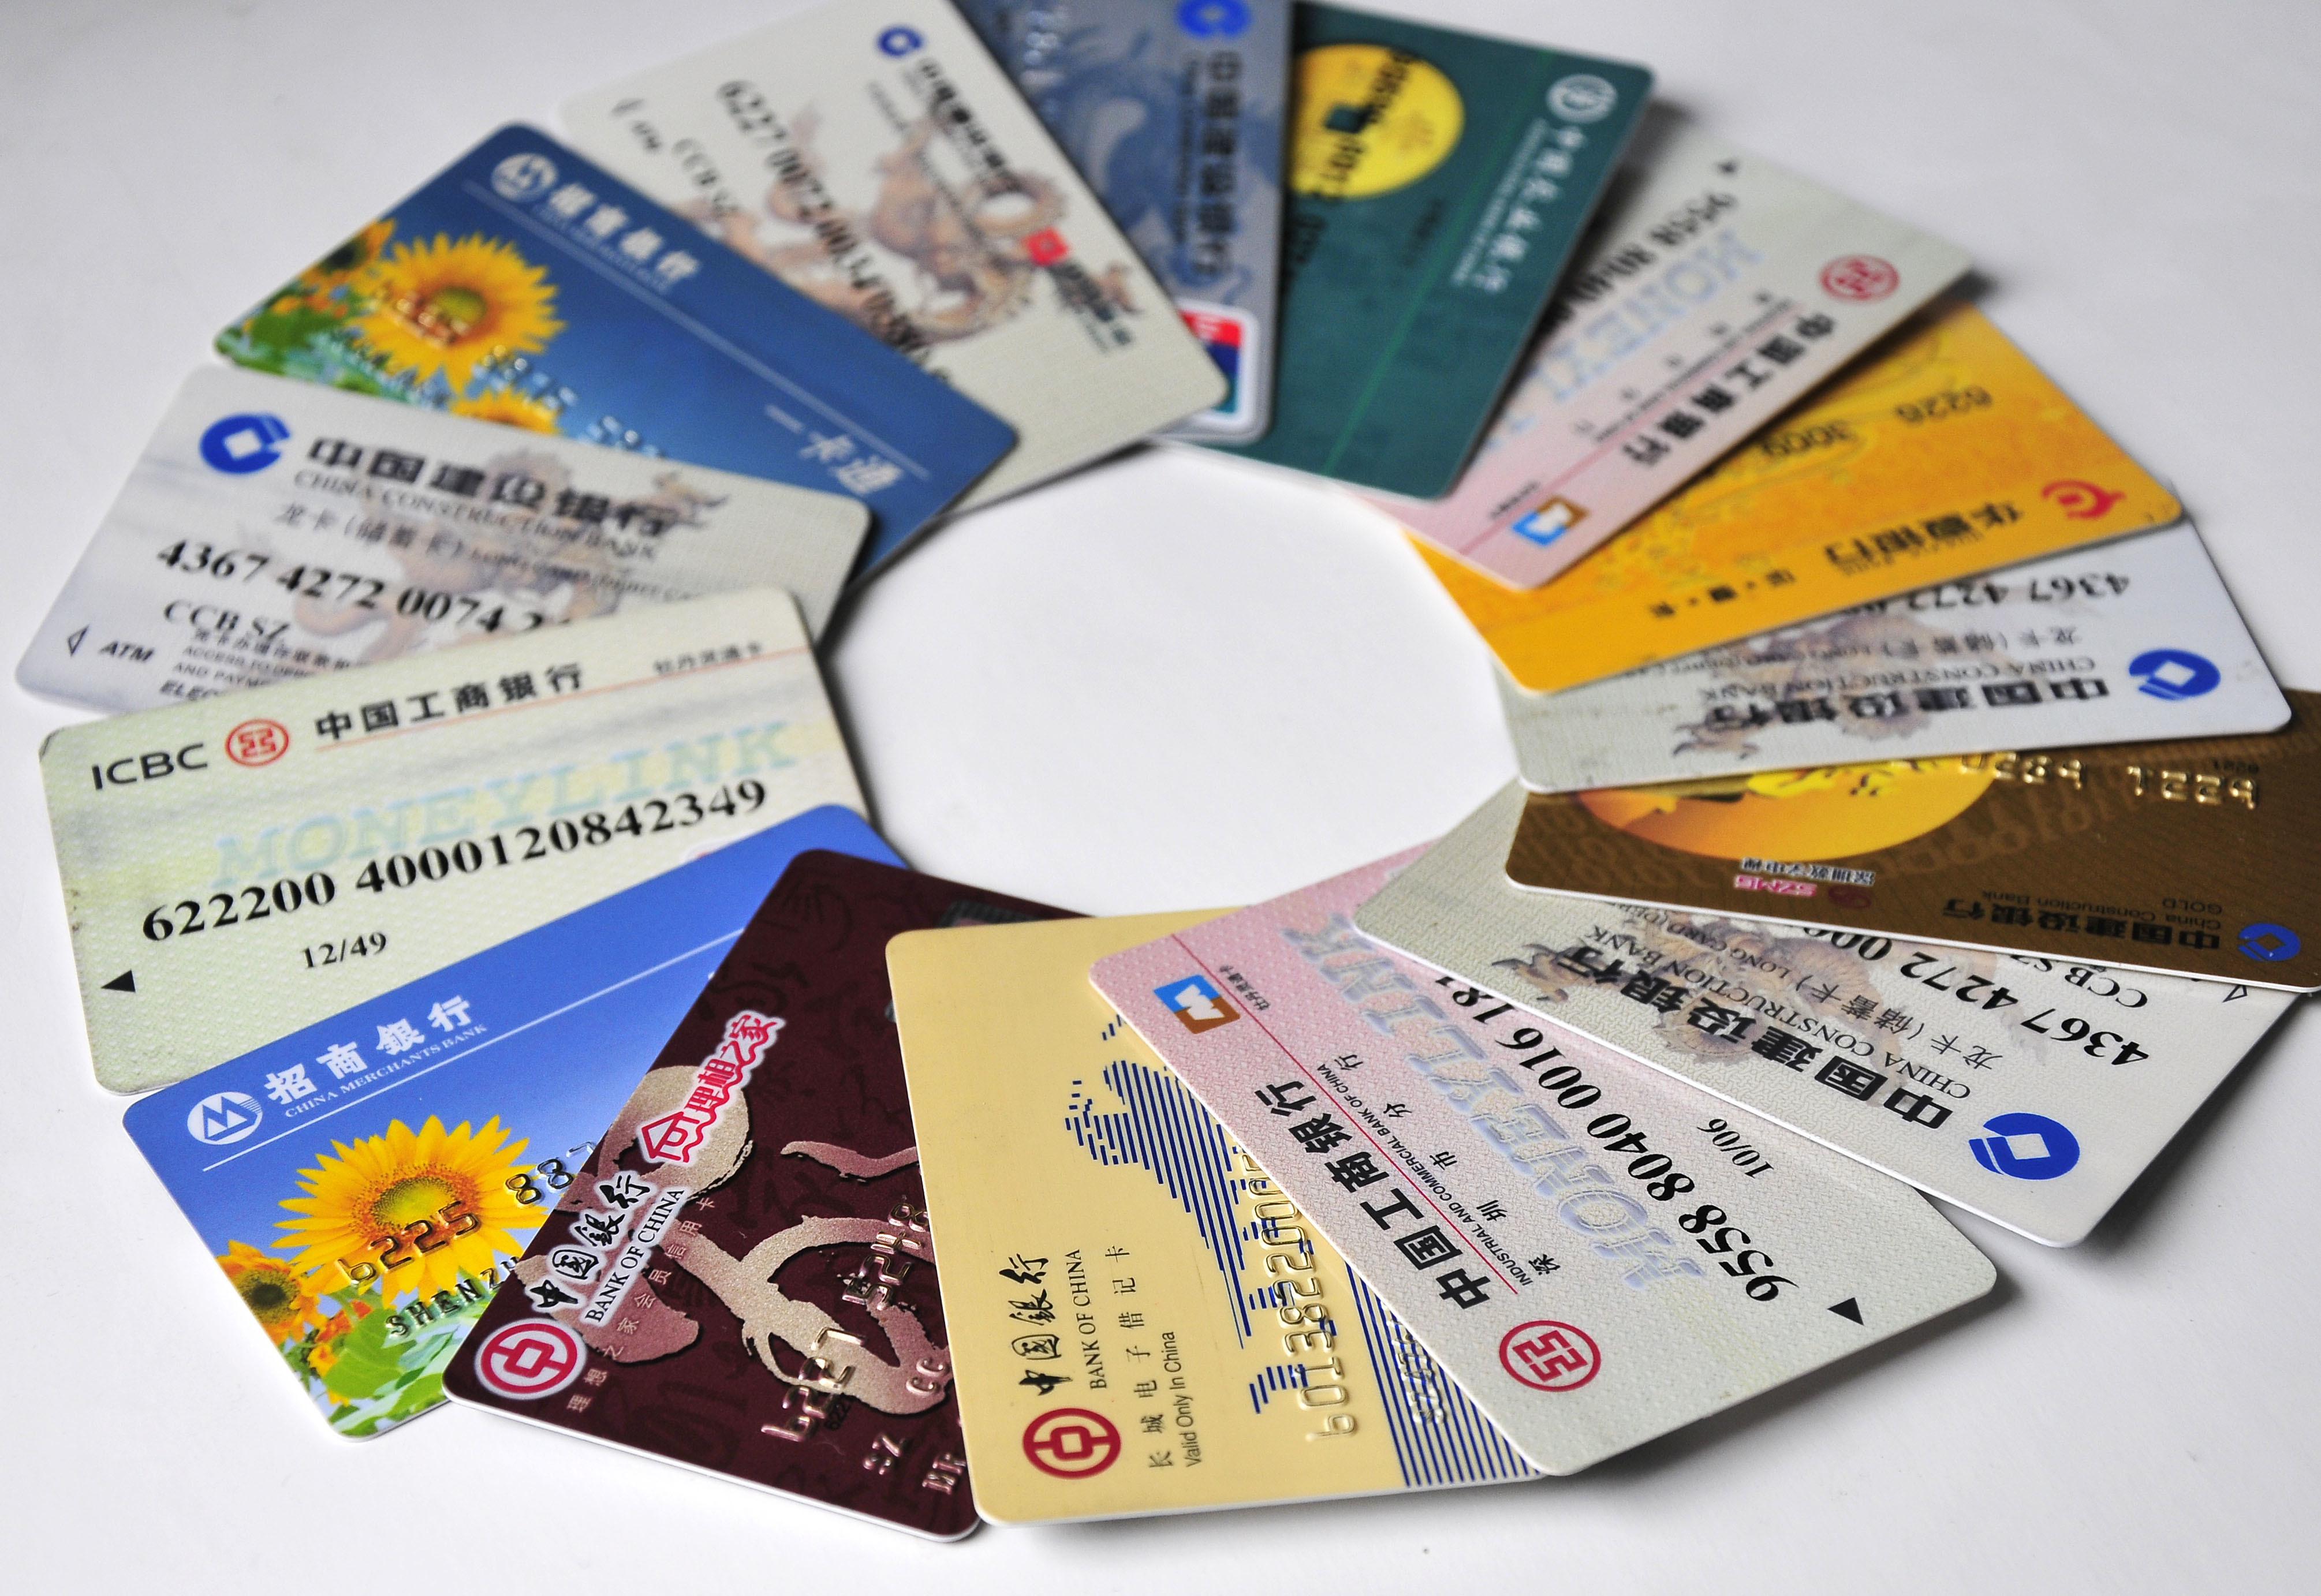 [法郎和人民幣]信用卡使用技巧,刷空好還是刷一半好